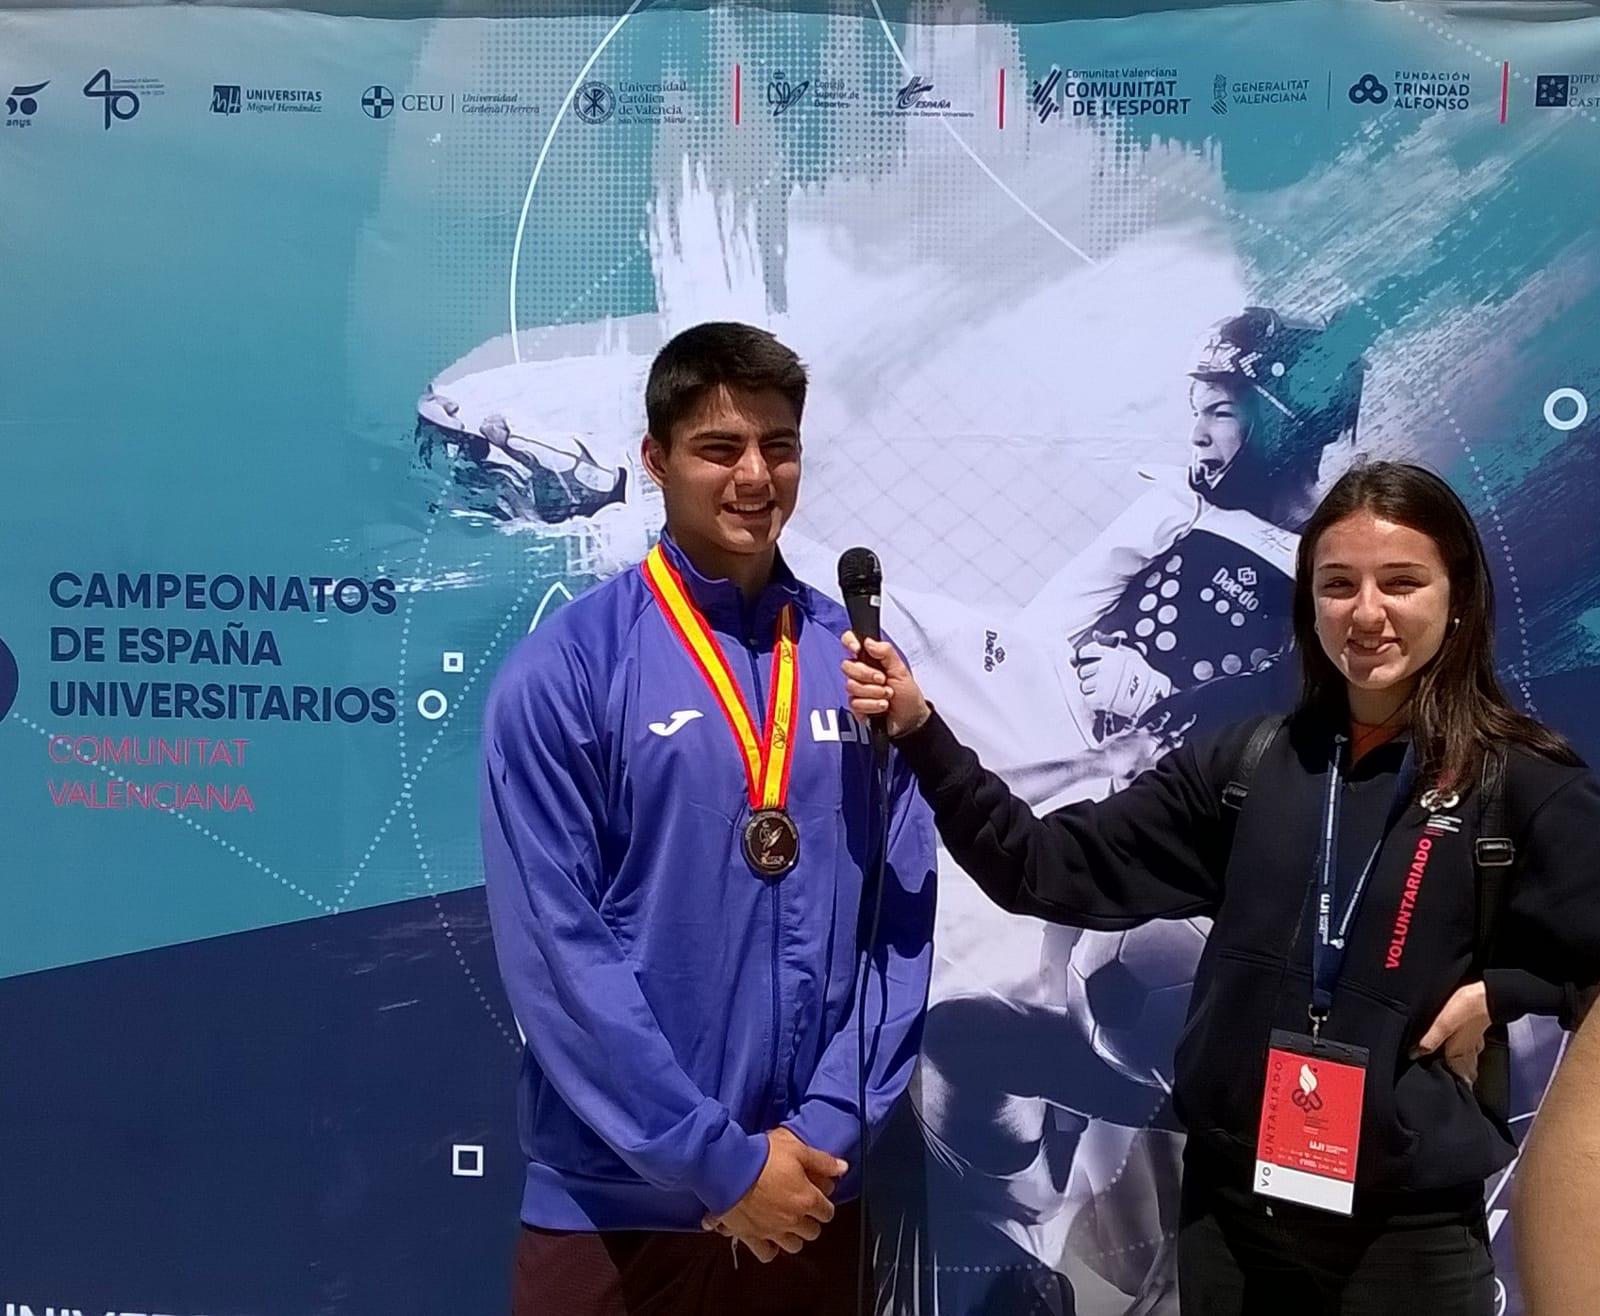 Rodrigo Iglesias en el photocall del campeonato de España universitario